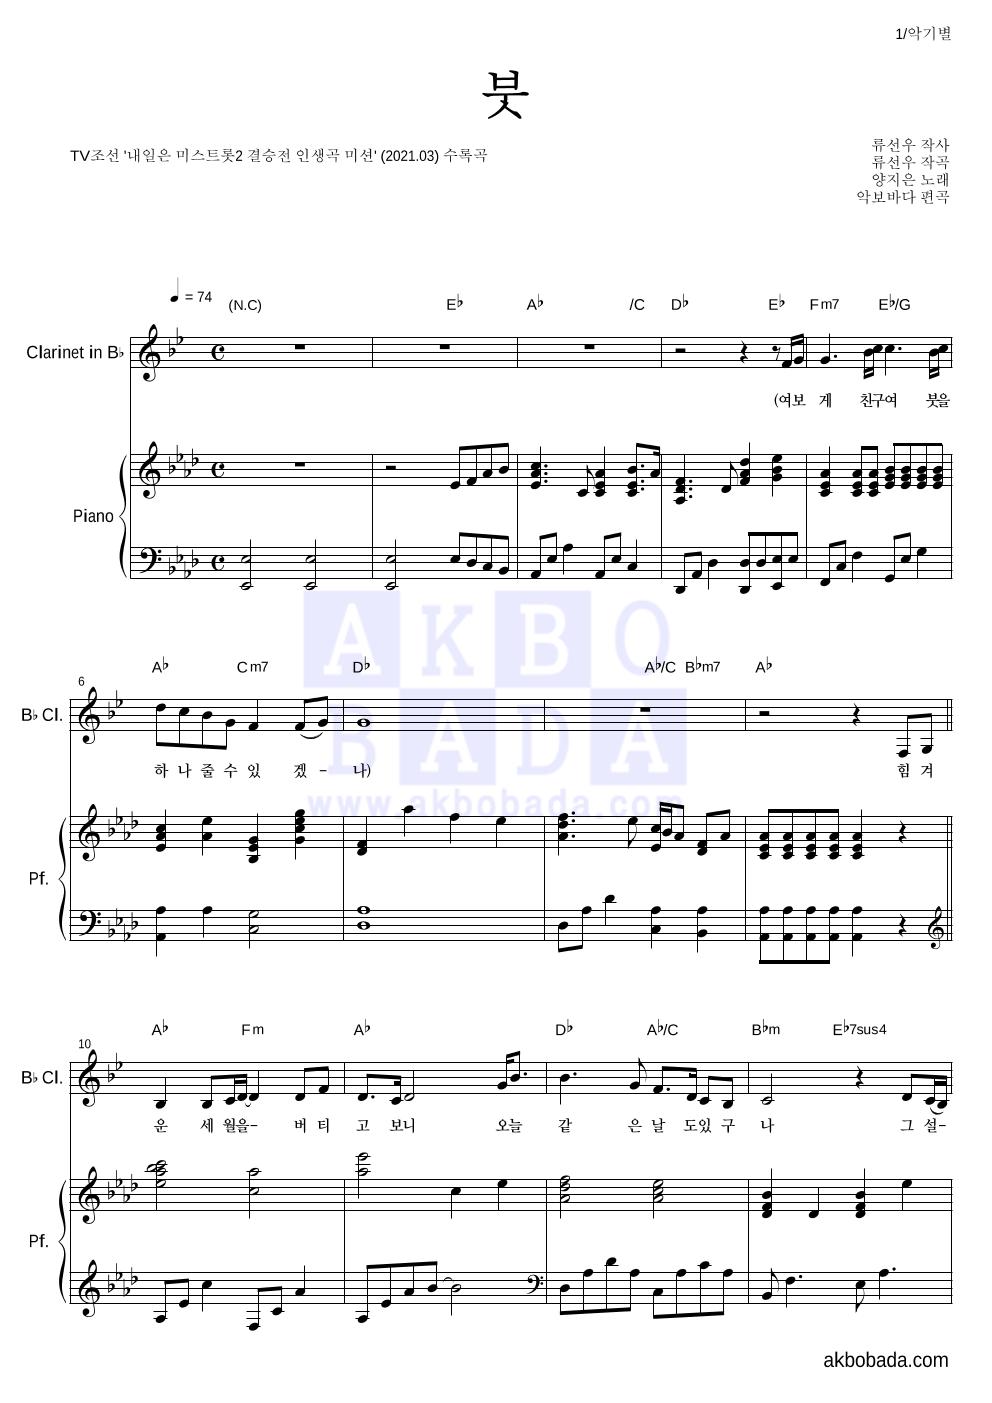 양지은 - 붓 클라리넷&피아노 악보